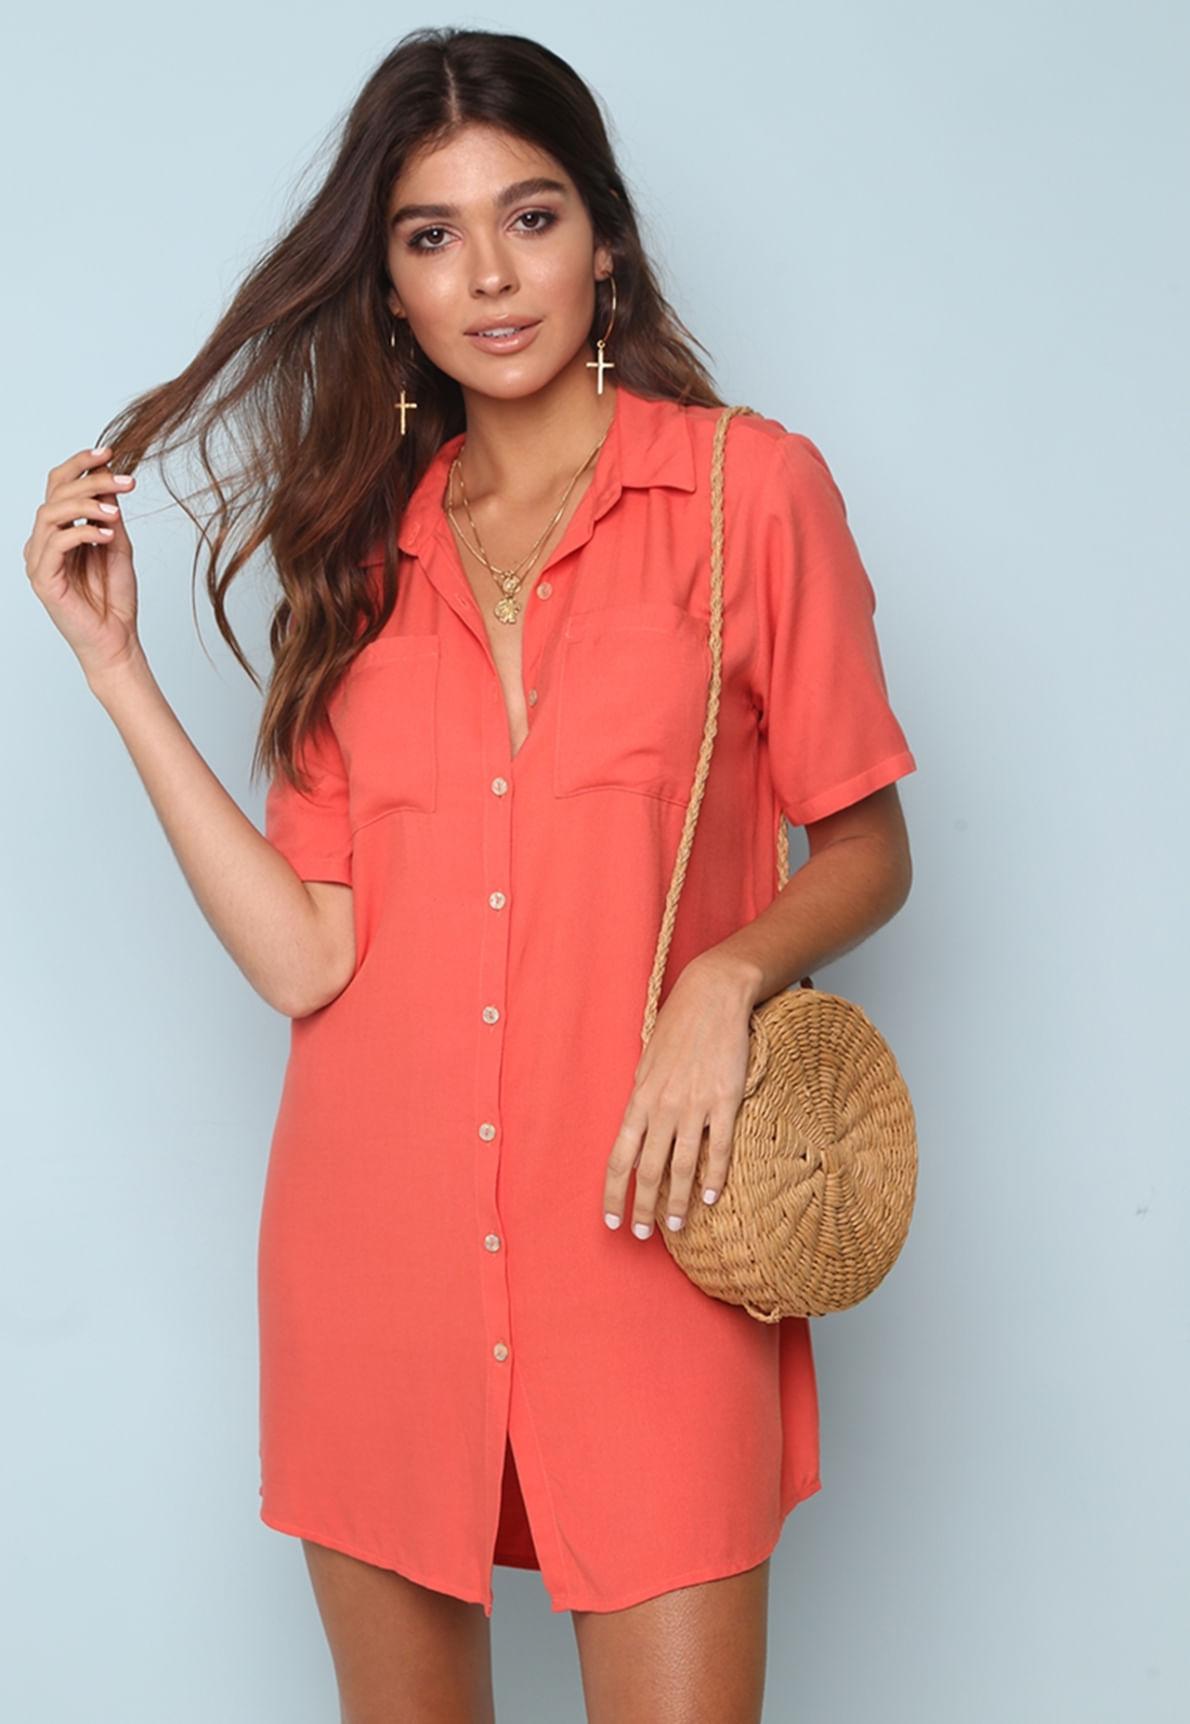 27825-camisa-coral-kayle-mundo-lolita-03